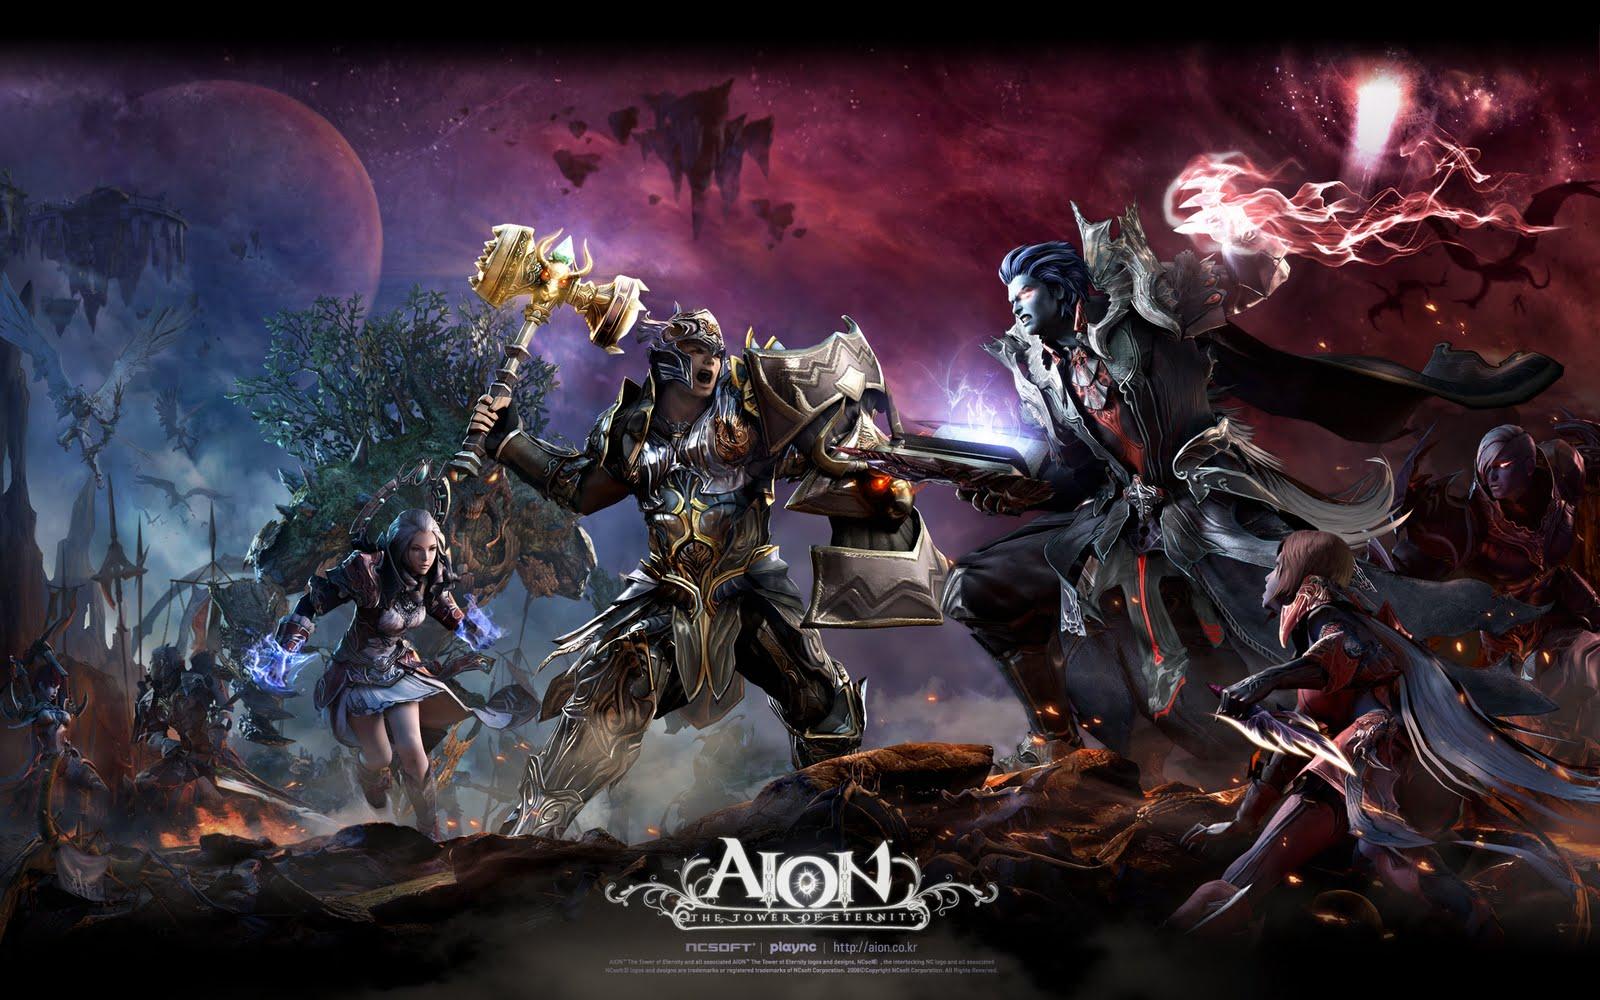 http://4.bp.blogspot.com/-aWaQtCPh2V4/TaJWr2drtGI/AAAAAAAABQc/1D68mrzsvpk/s1600/AION-Wallpaper-Screenshot-PC-Game-Online-9.jpg